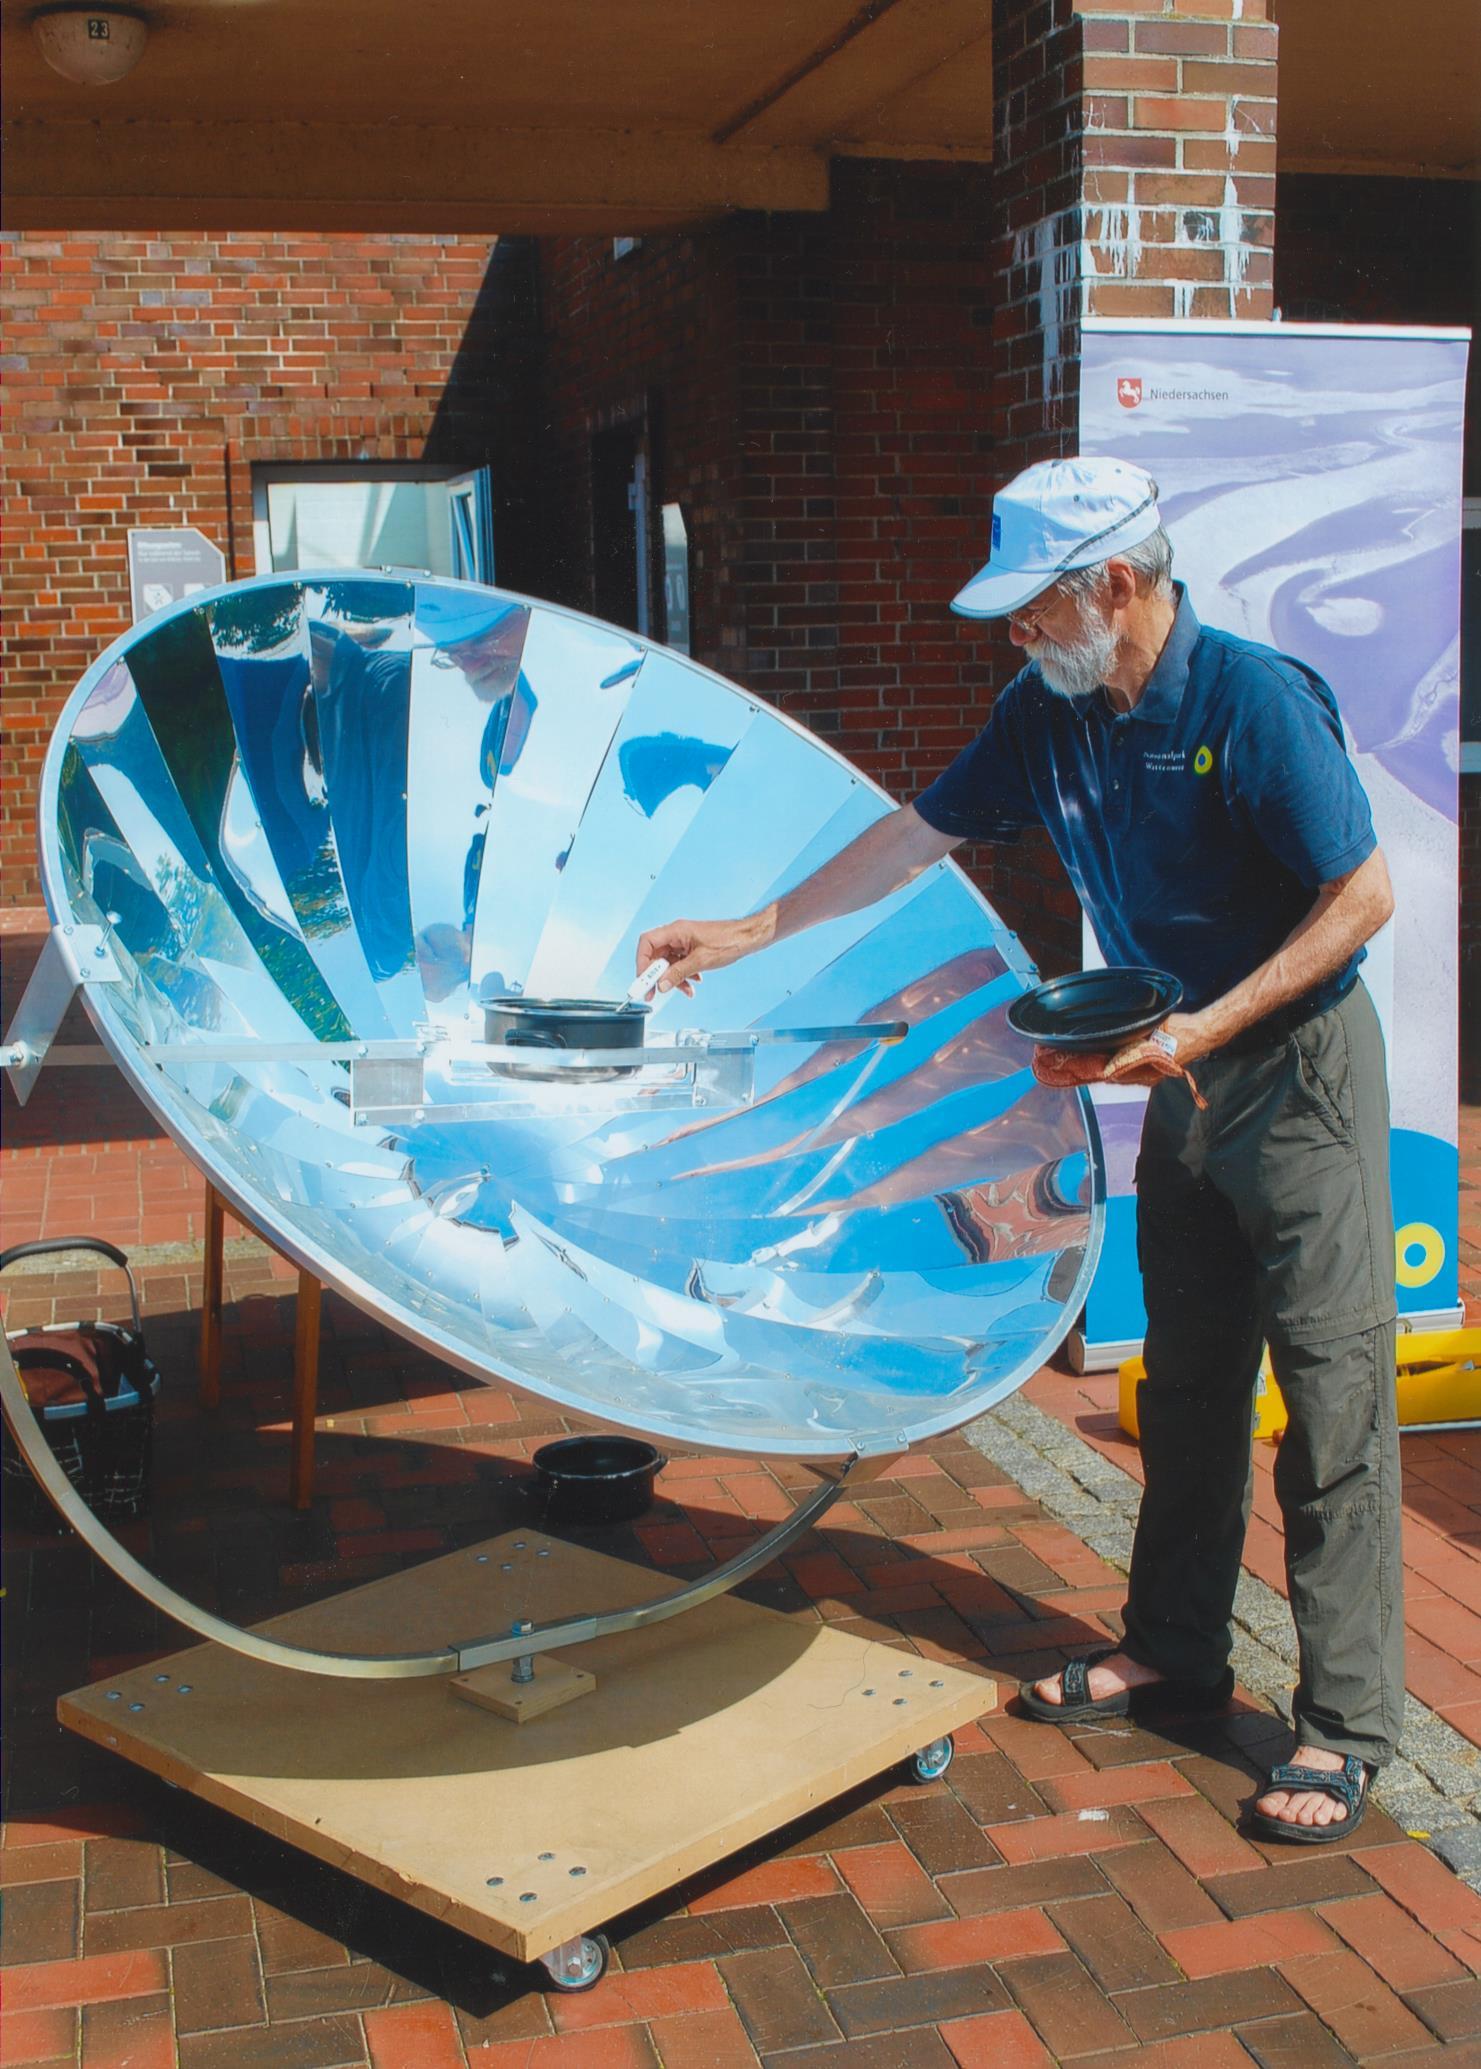 Ein Solar Cooker - benutzt beim 1. Meereswelten Wissenschaftstag in Wilhelmshaven am 24.07.2016